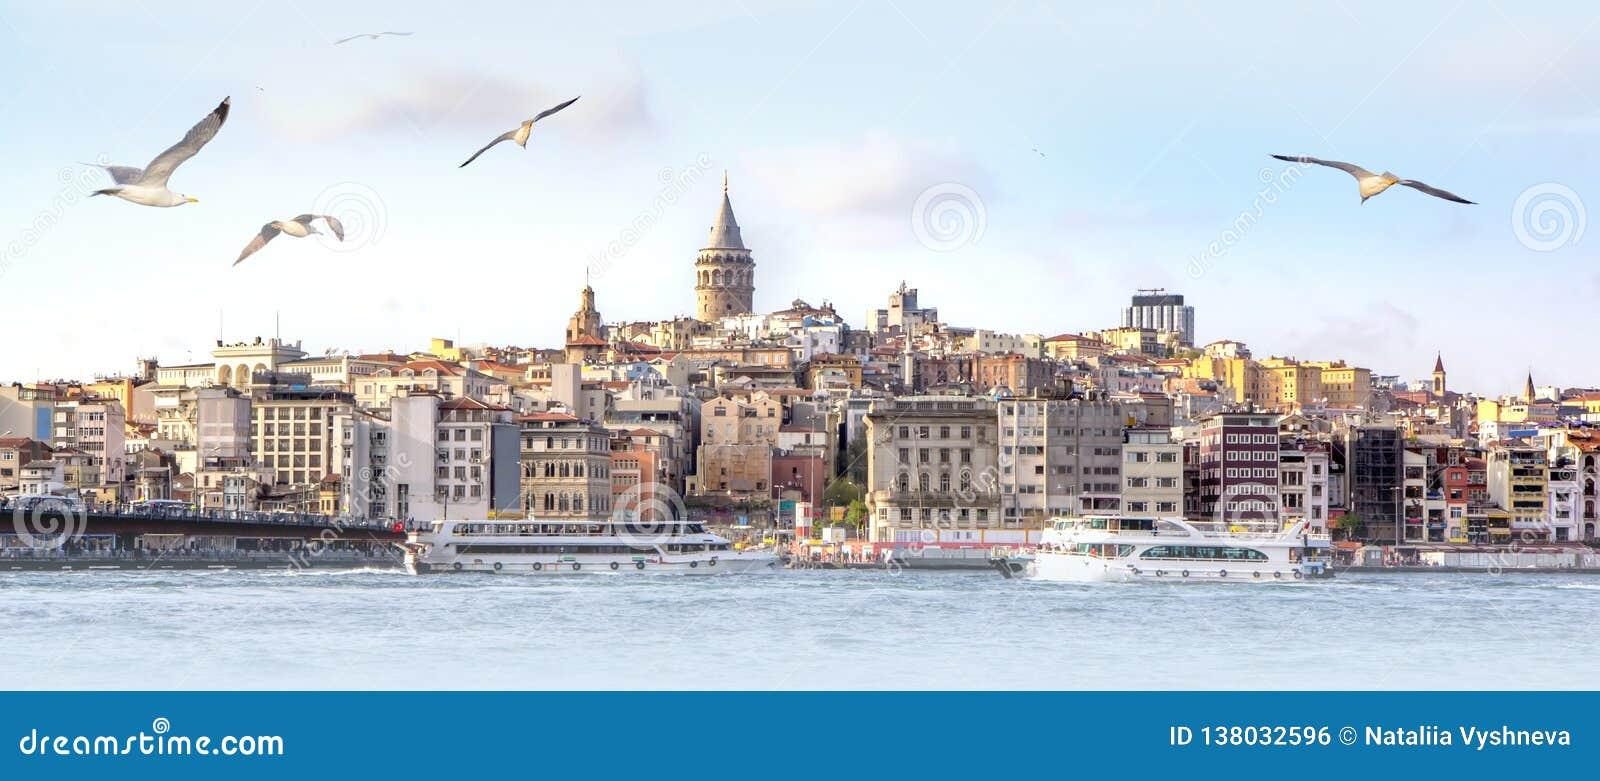 Panorama de Istambul com a torre de Galata na skyline e de gaivotas sobre o mar, paisagem larga do chifre dourado, fundo do curso